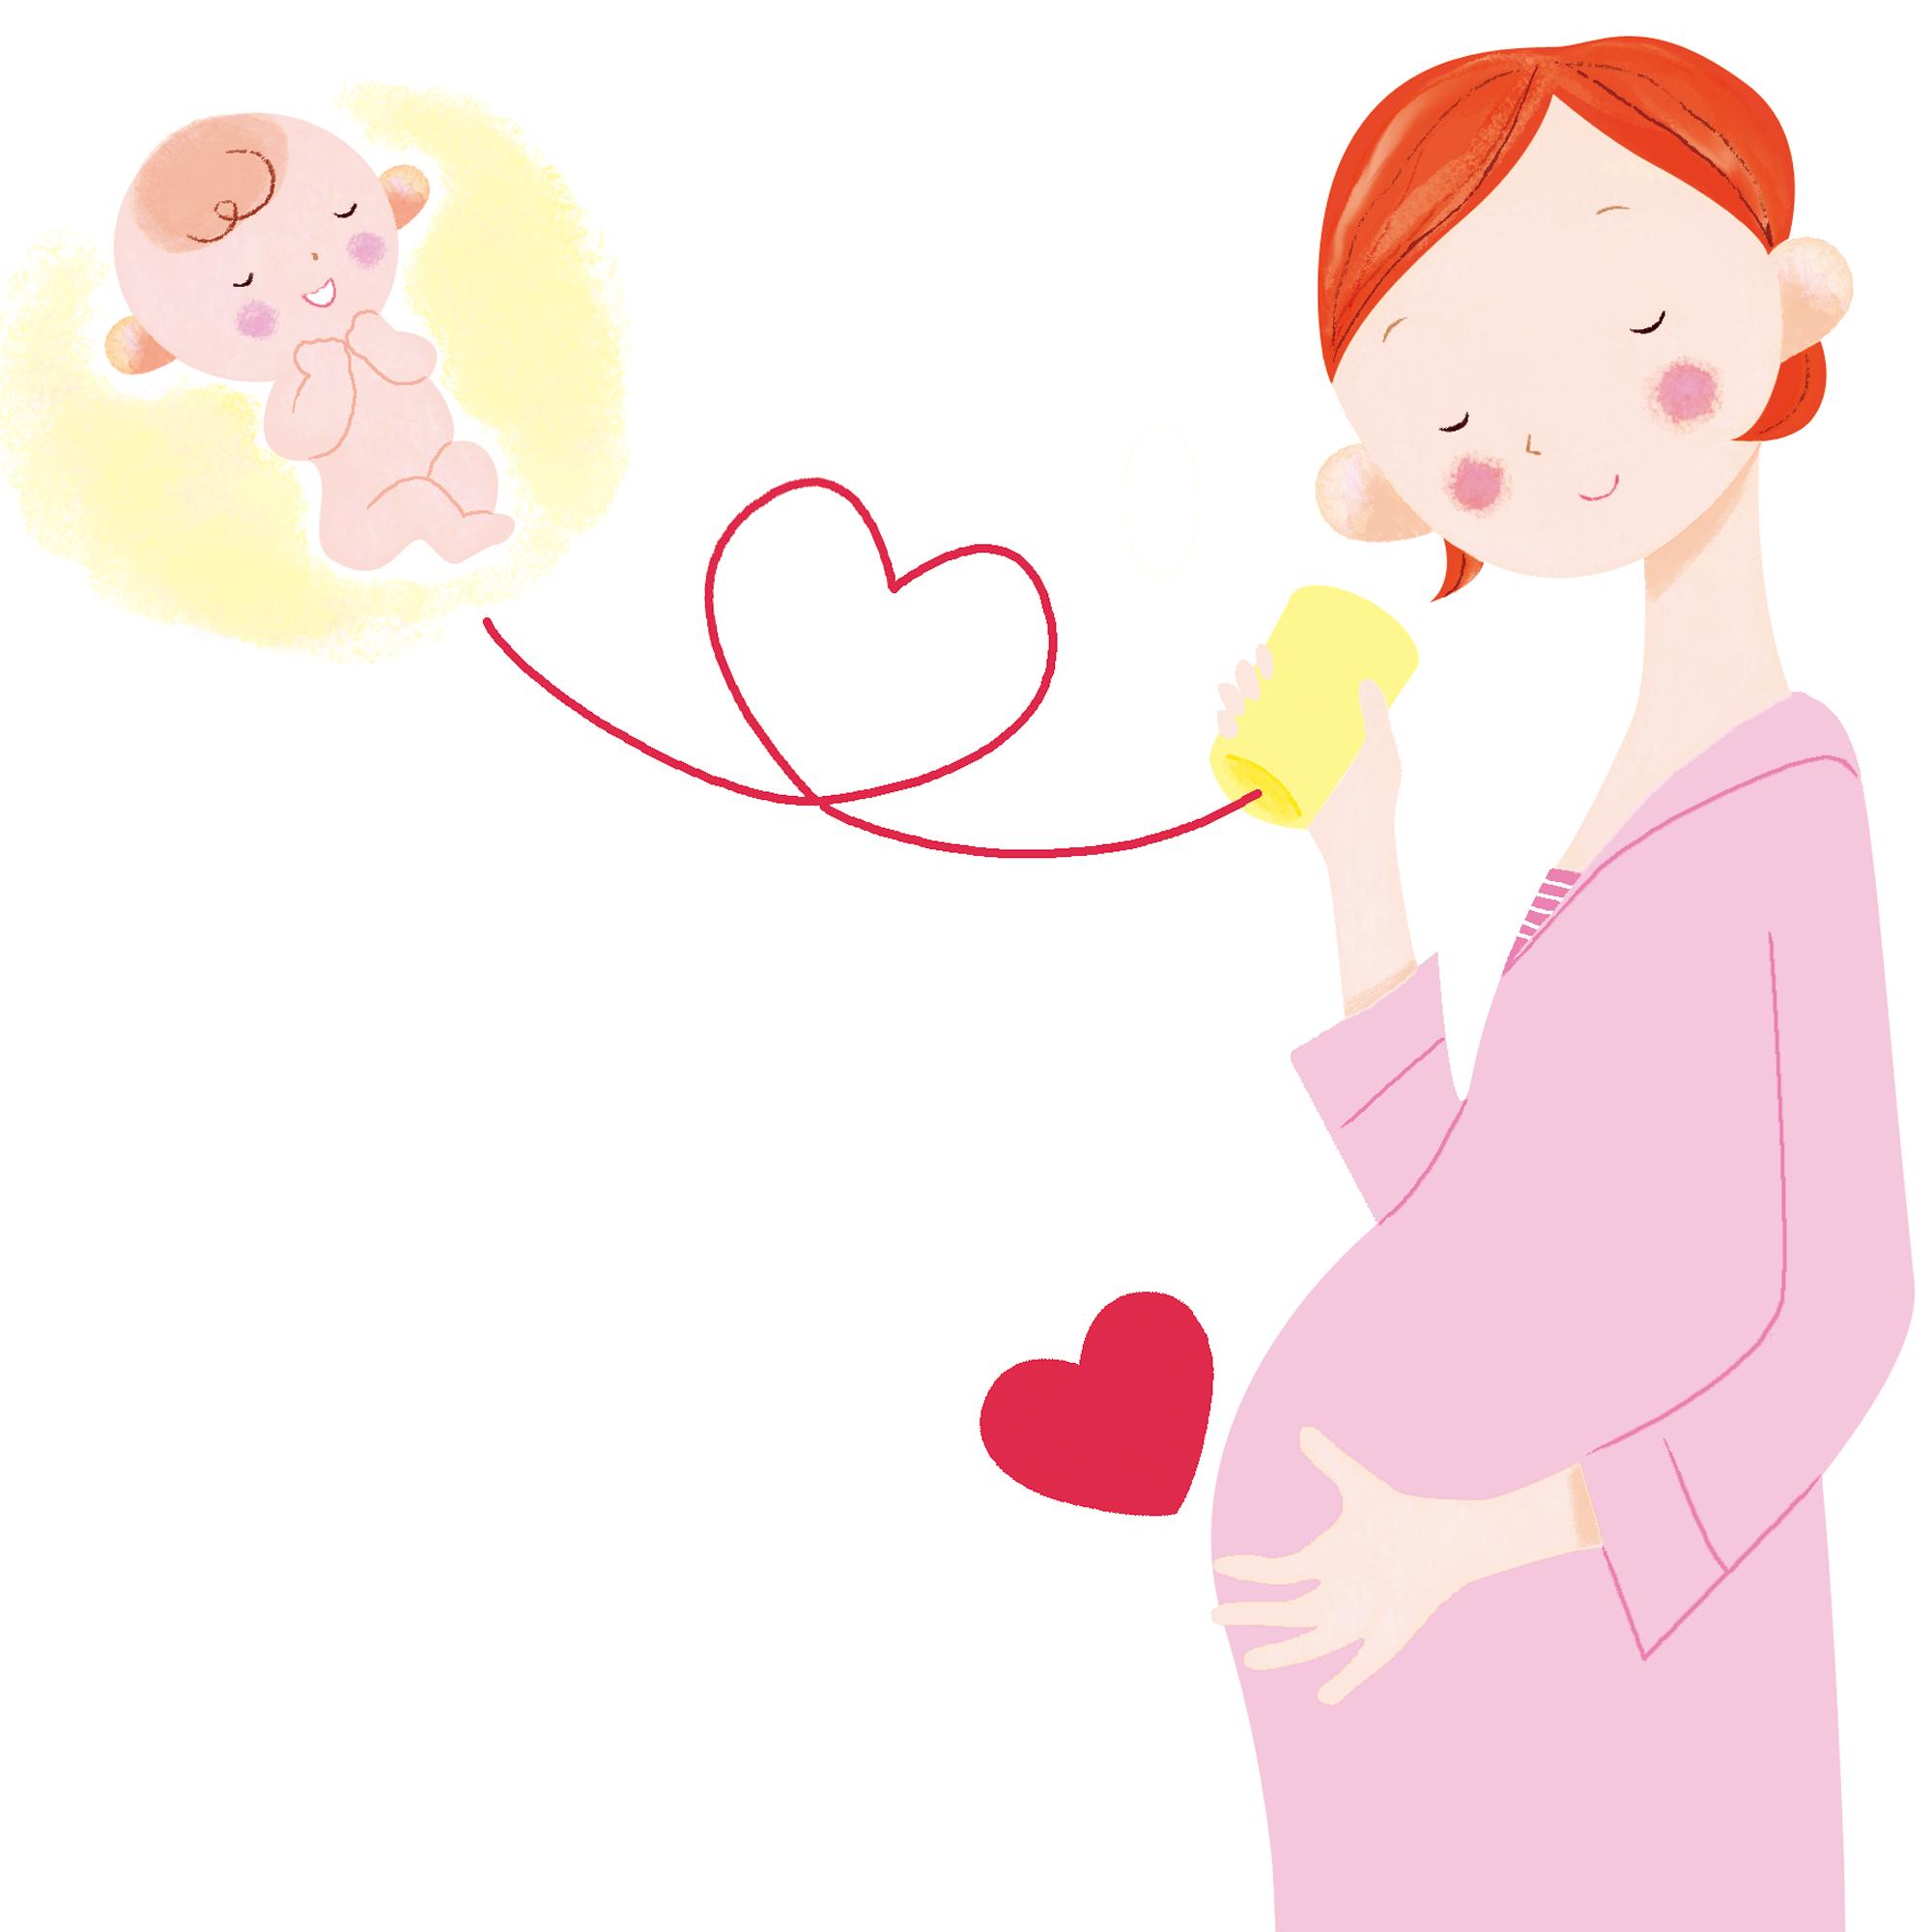 母乳バンク協会 書籍表紙